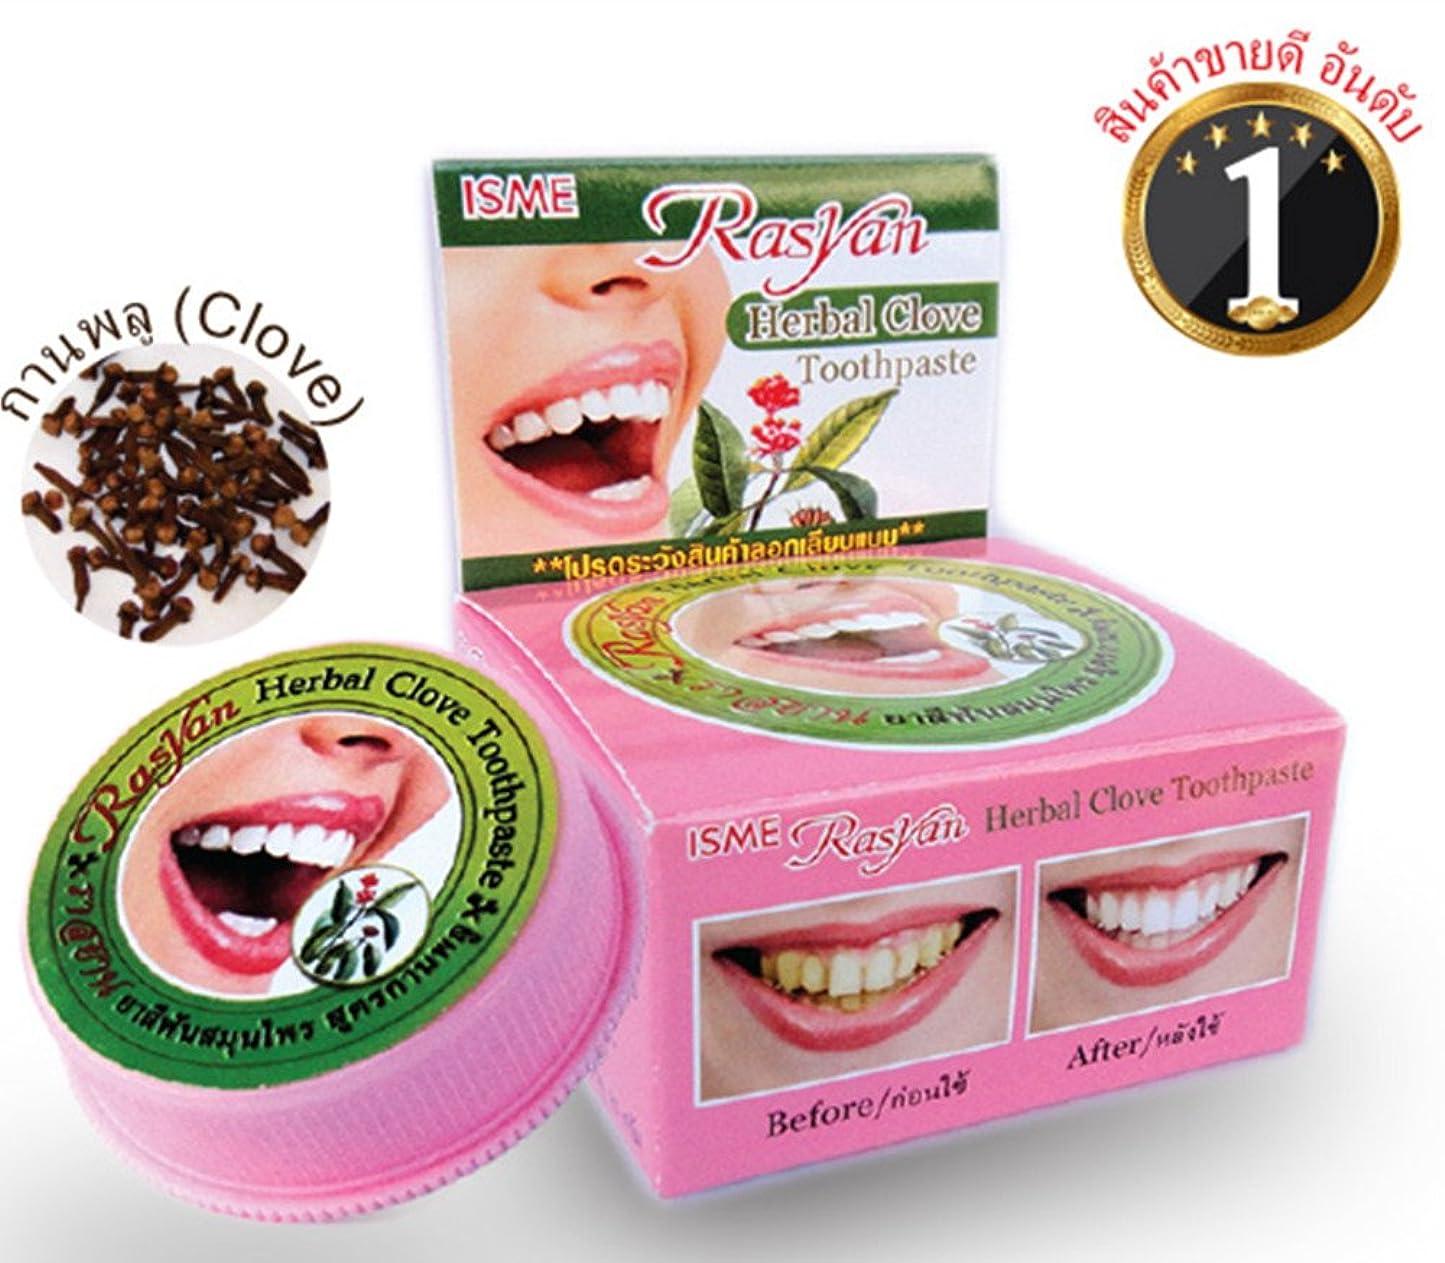 暗い立法シエスタ練り歯磨き ハーブ Thai Herbal Rasyan Herbal Clove Toothpaste (5 Gram Size) 2 Pcs.